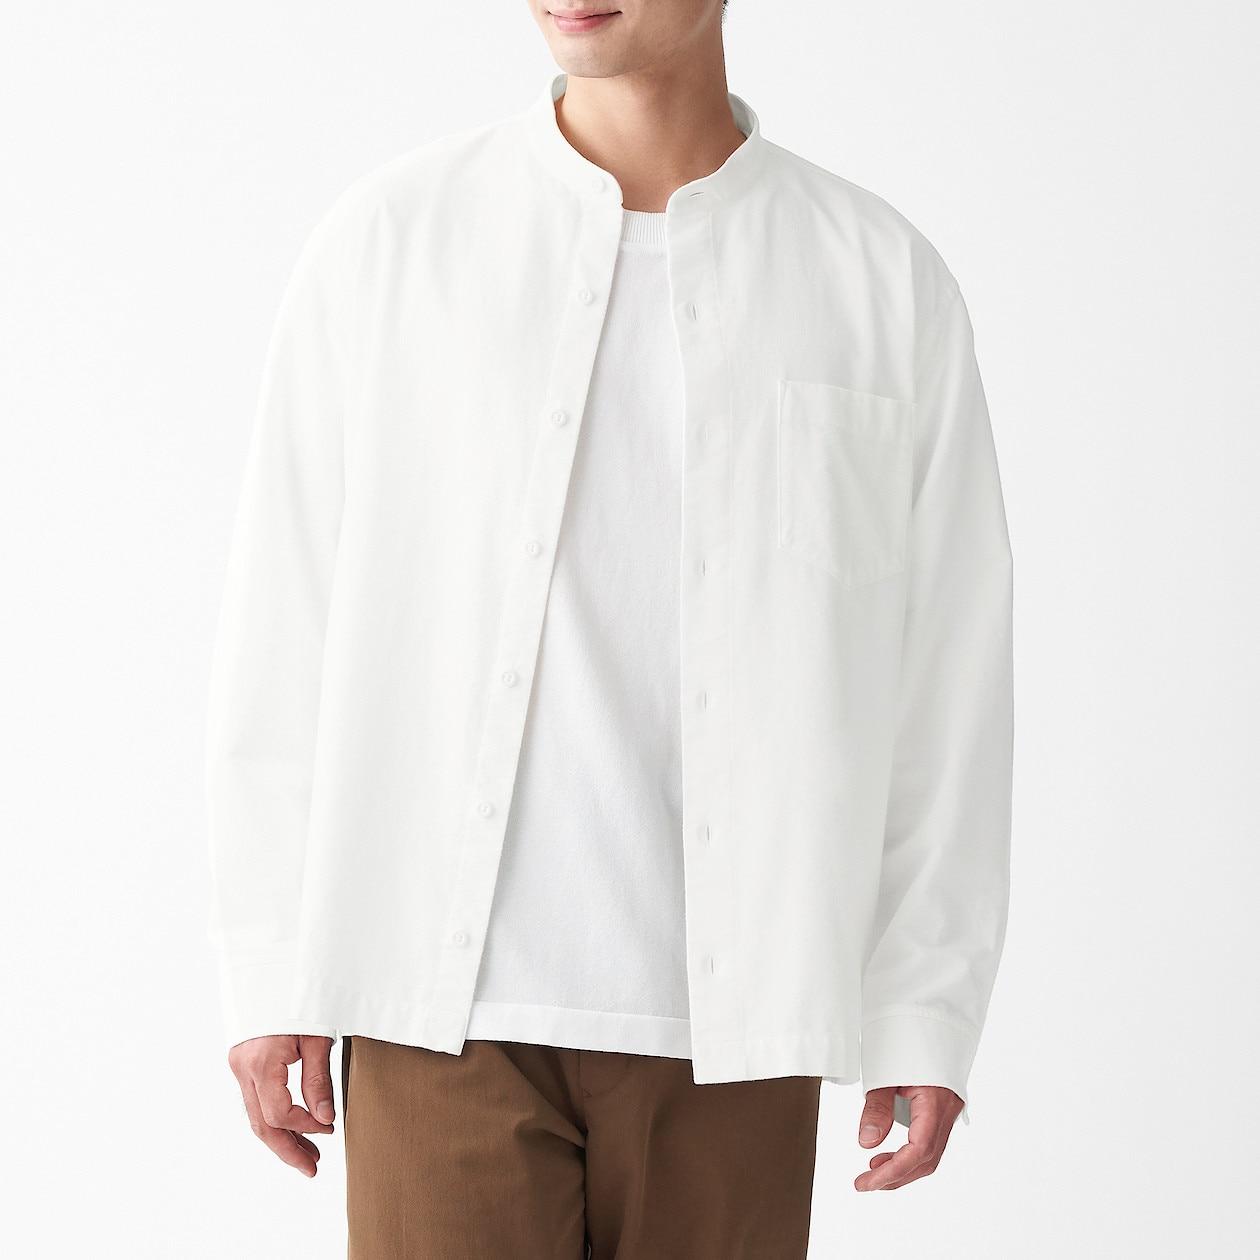 男新疆棉法蘭絨立領襯衫 柔白XS | 無印良品